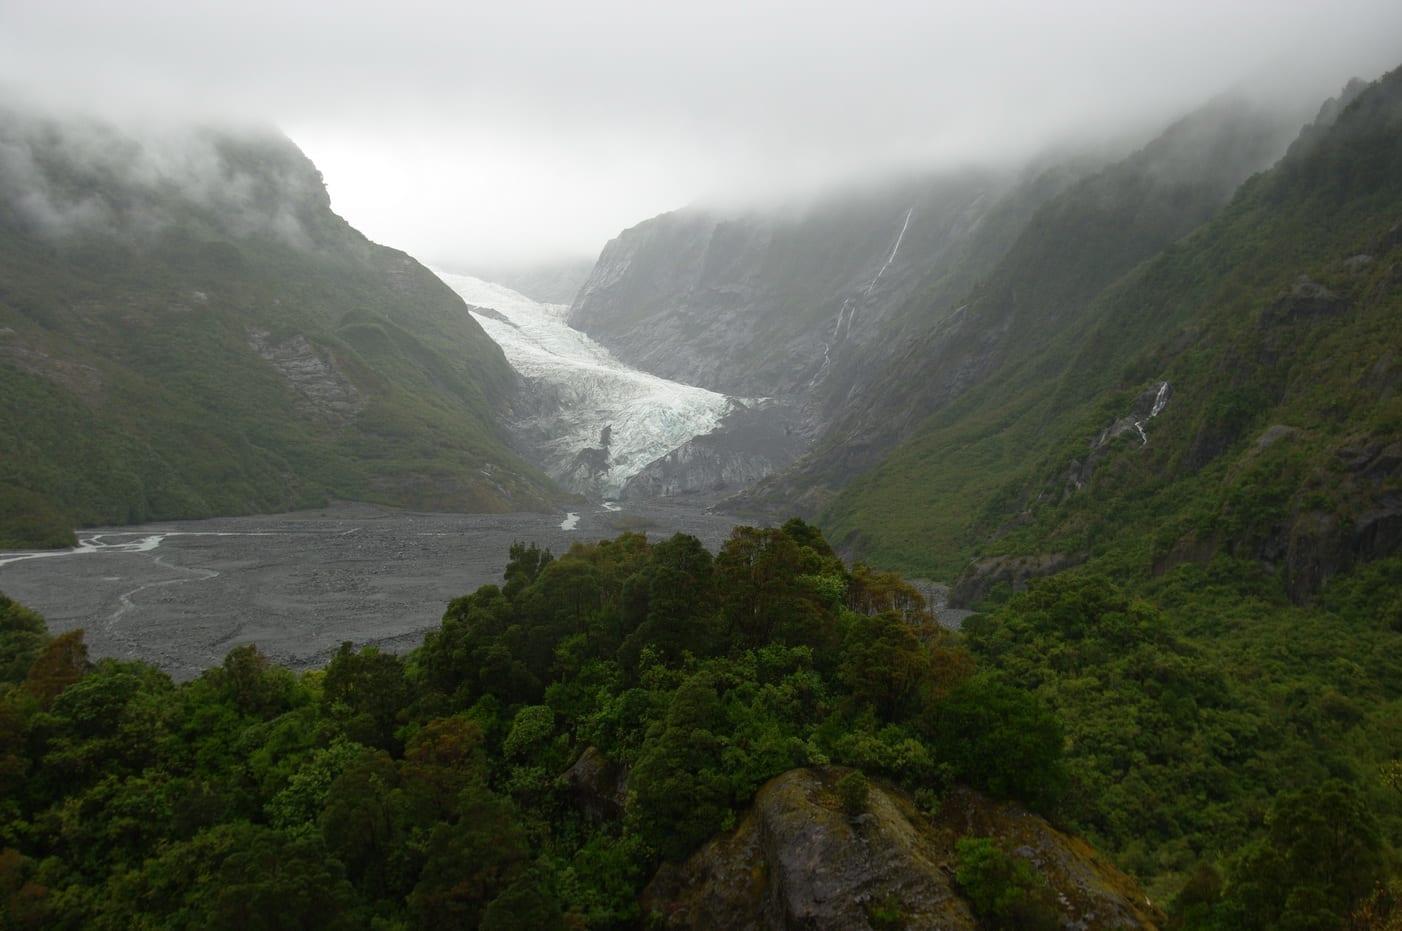 Vista del glaciar desde arriba en 2009 Franz Josef Nueva Zelanda